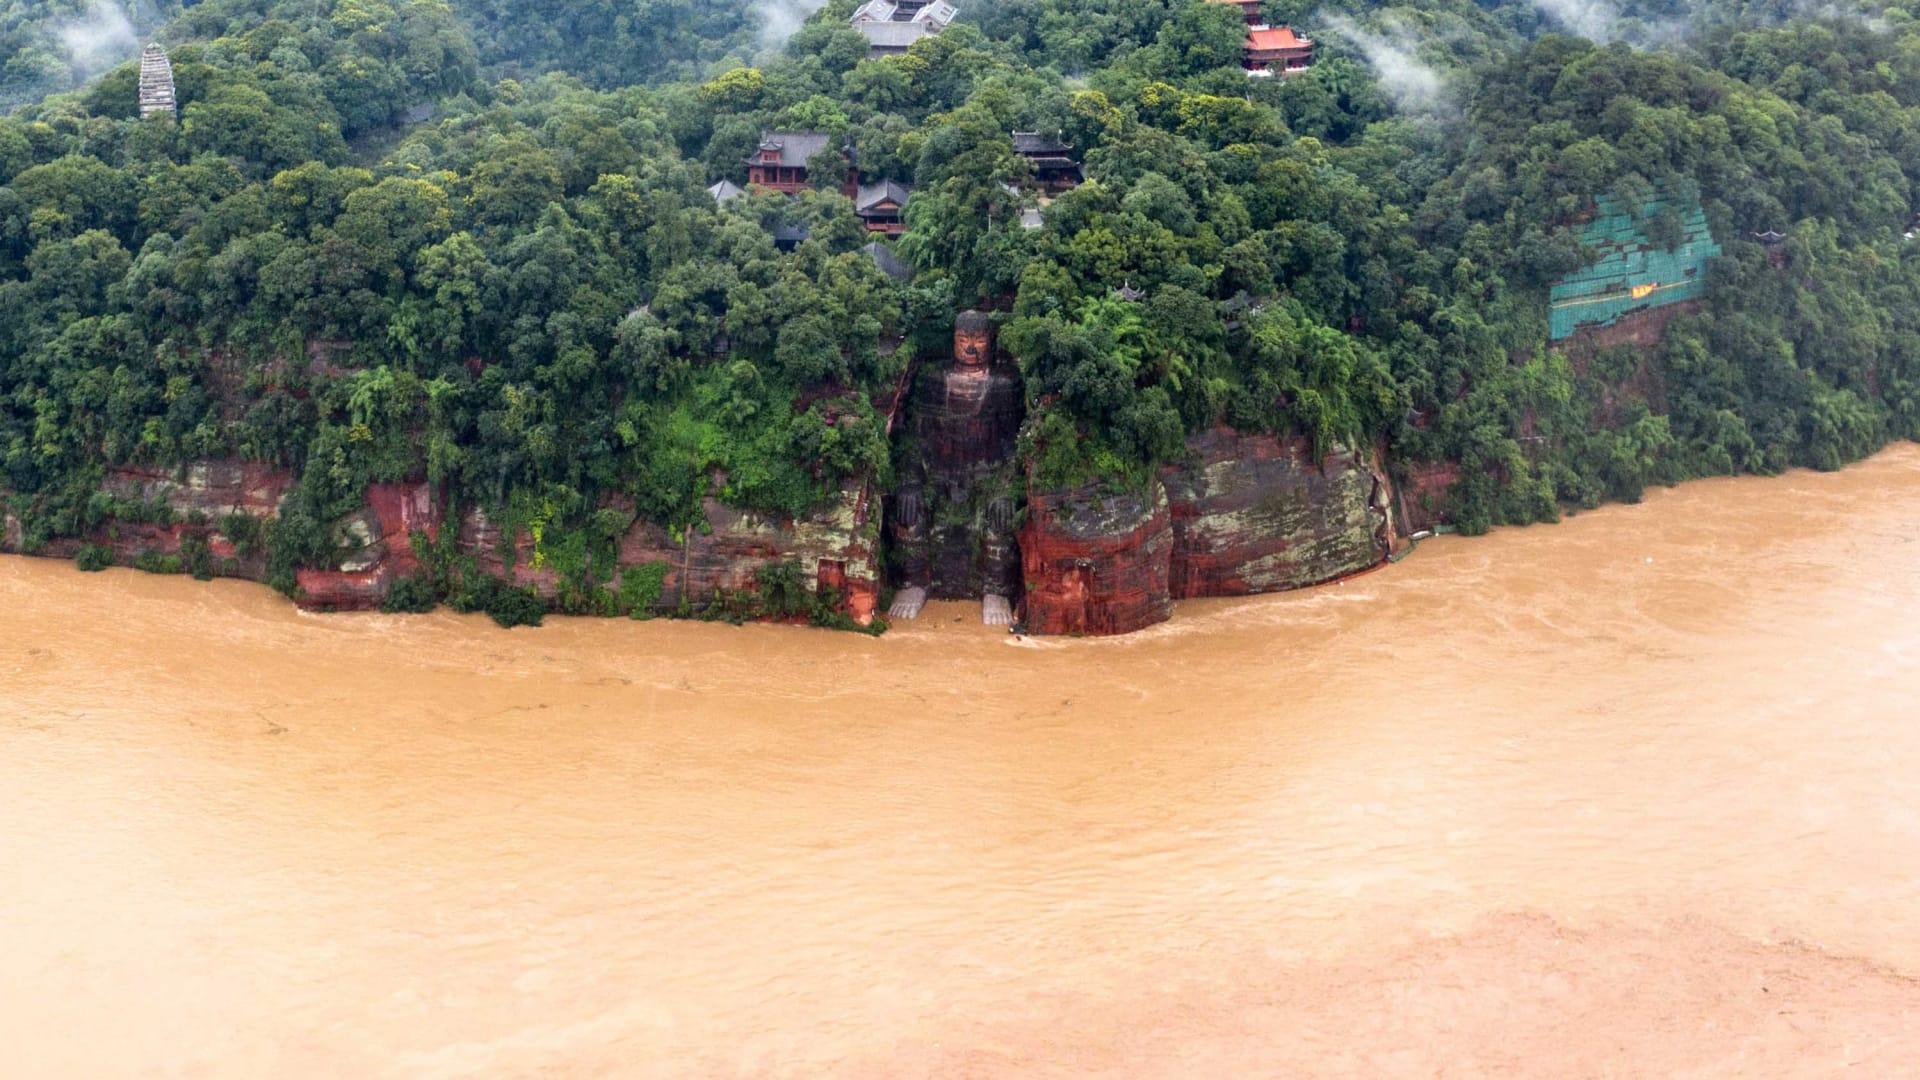 مياه الفيضانات تصل إلى أصابع قدمي تمثال بوذا الشهير في الصين